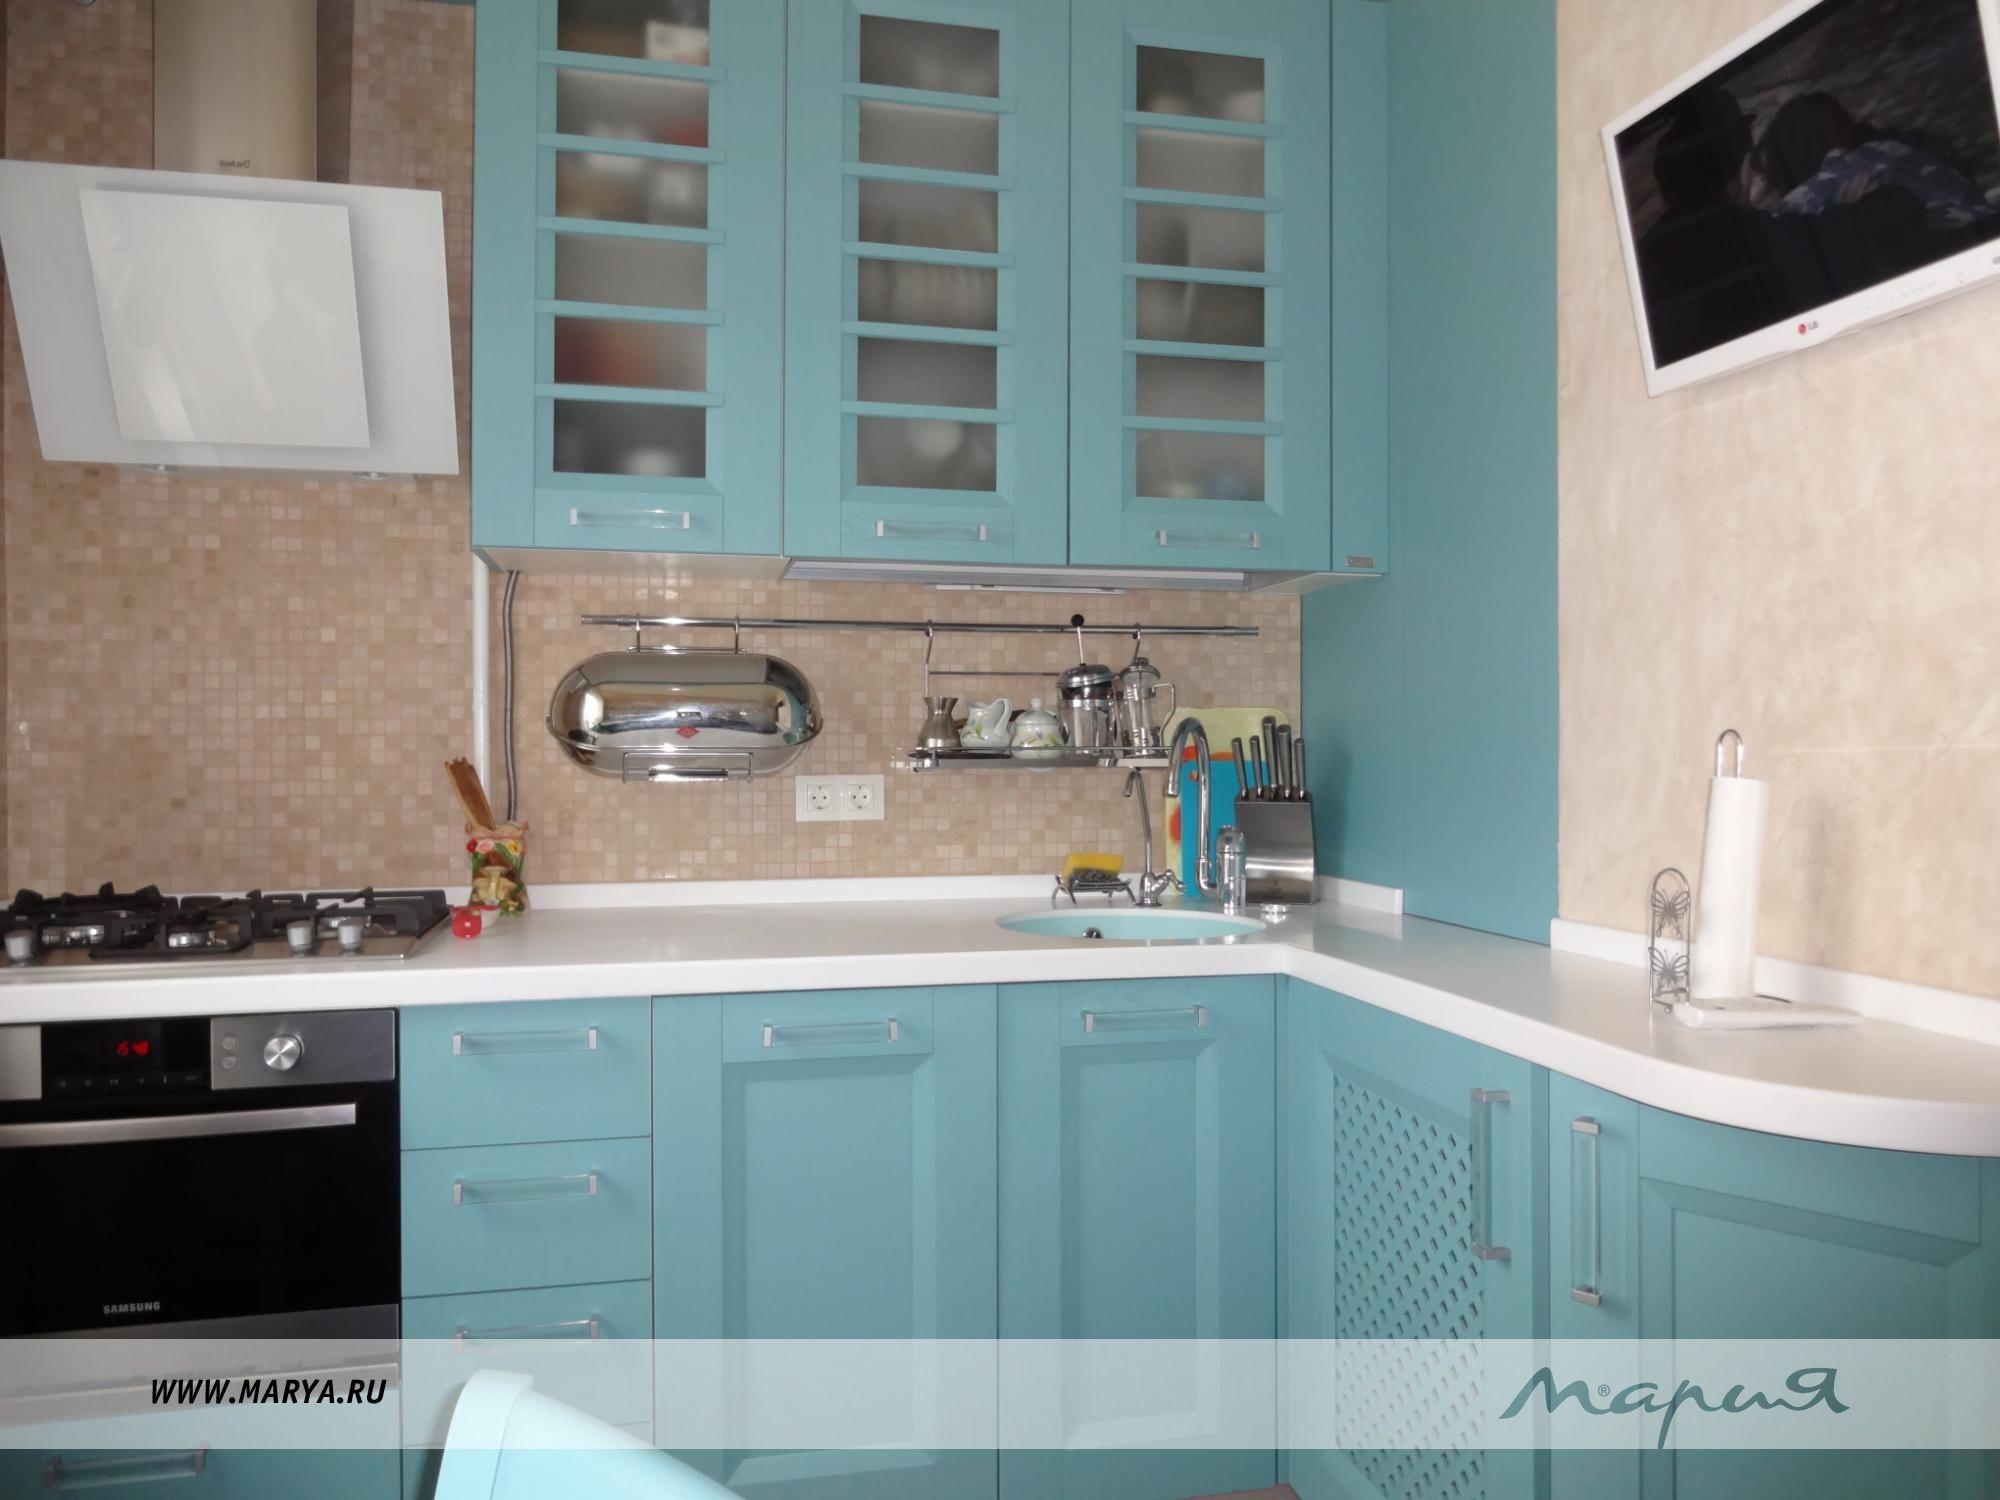 Мебель для кухни: Кухня Farm - Мебельная Фабрика Мария | КУХНИ ...